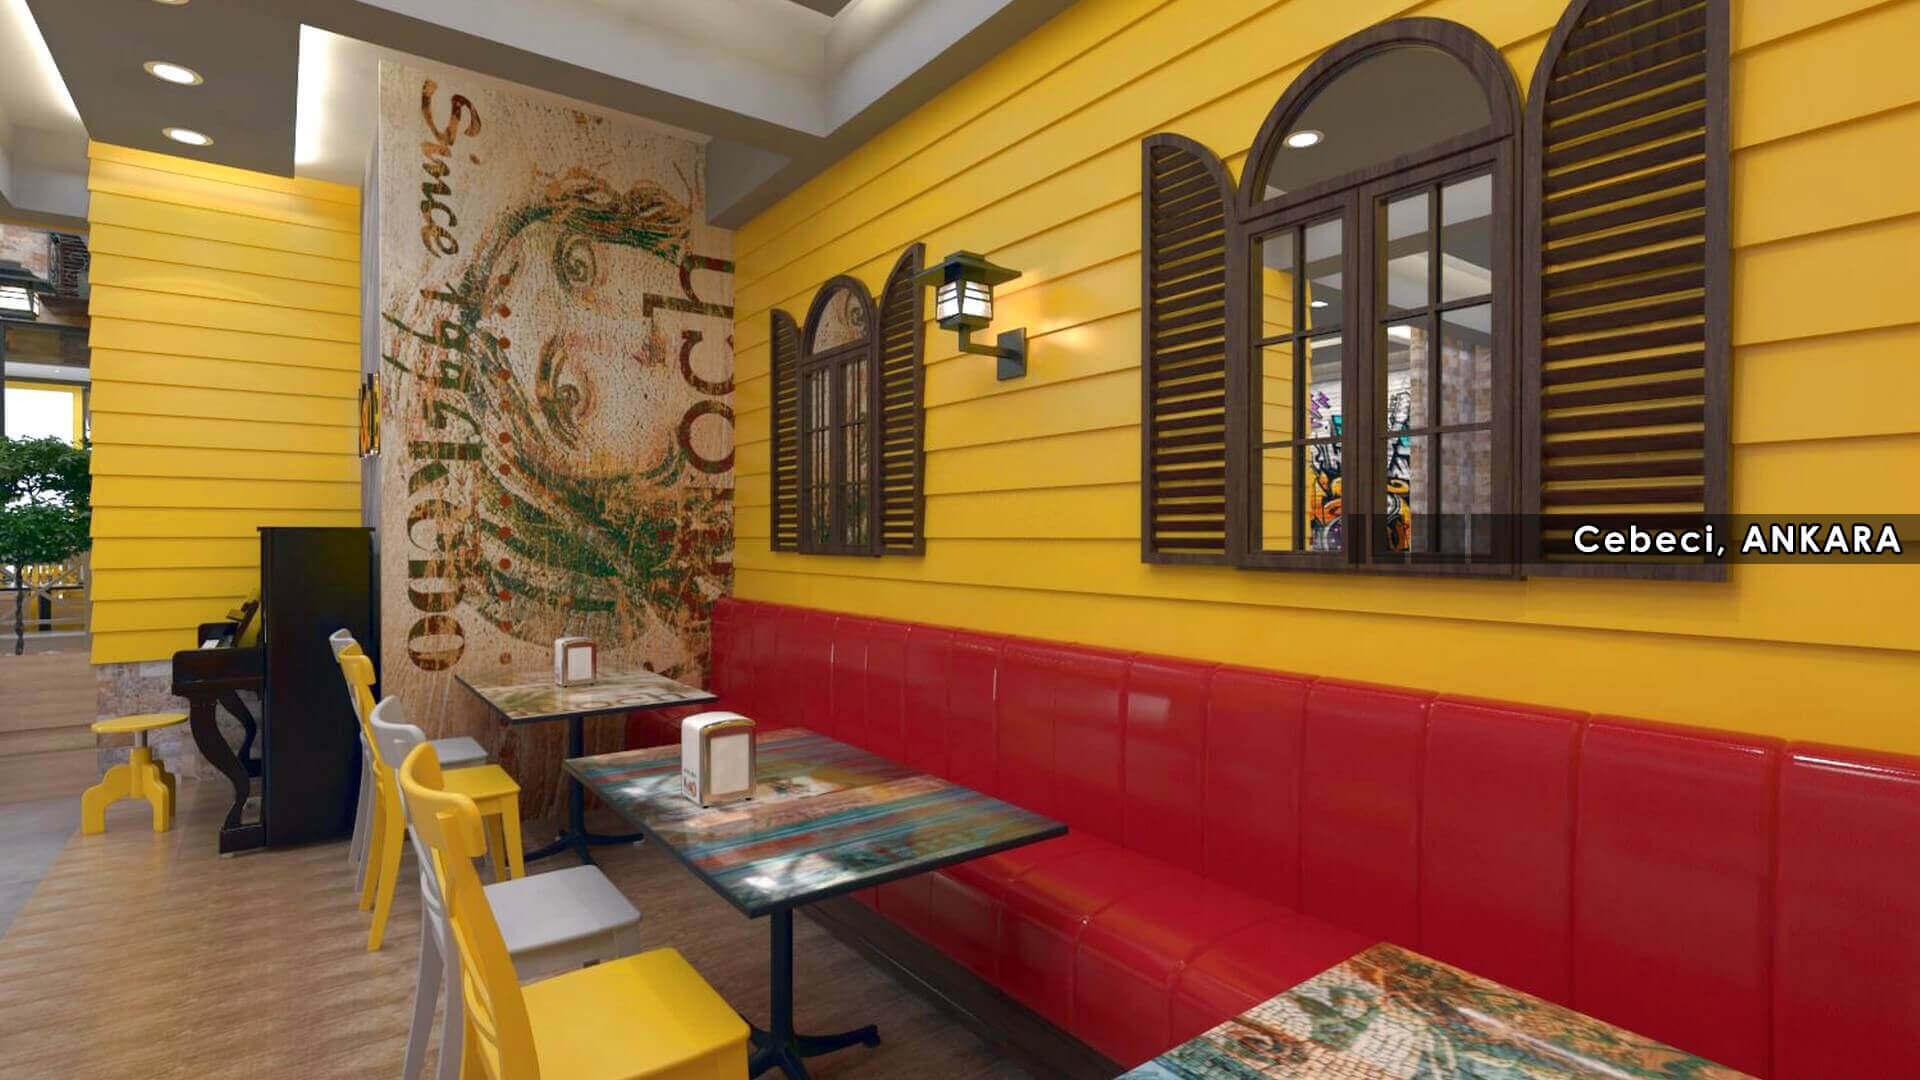 Restaurant design 2131 Kebo 2018 Restaurants